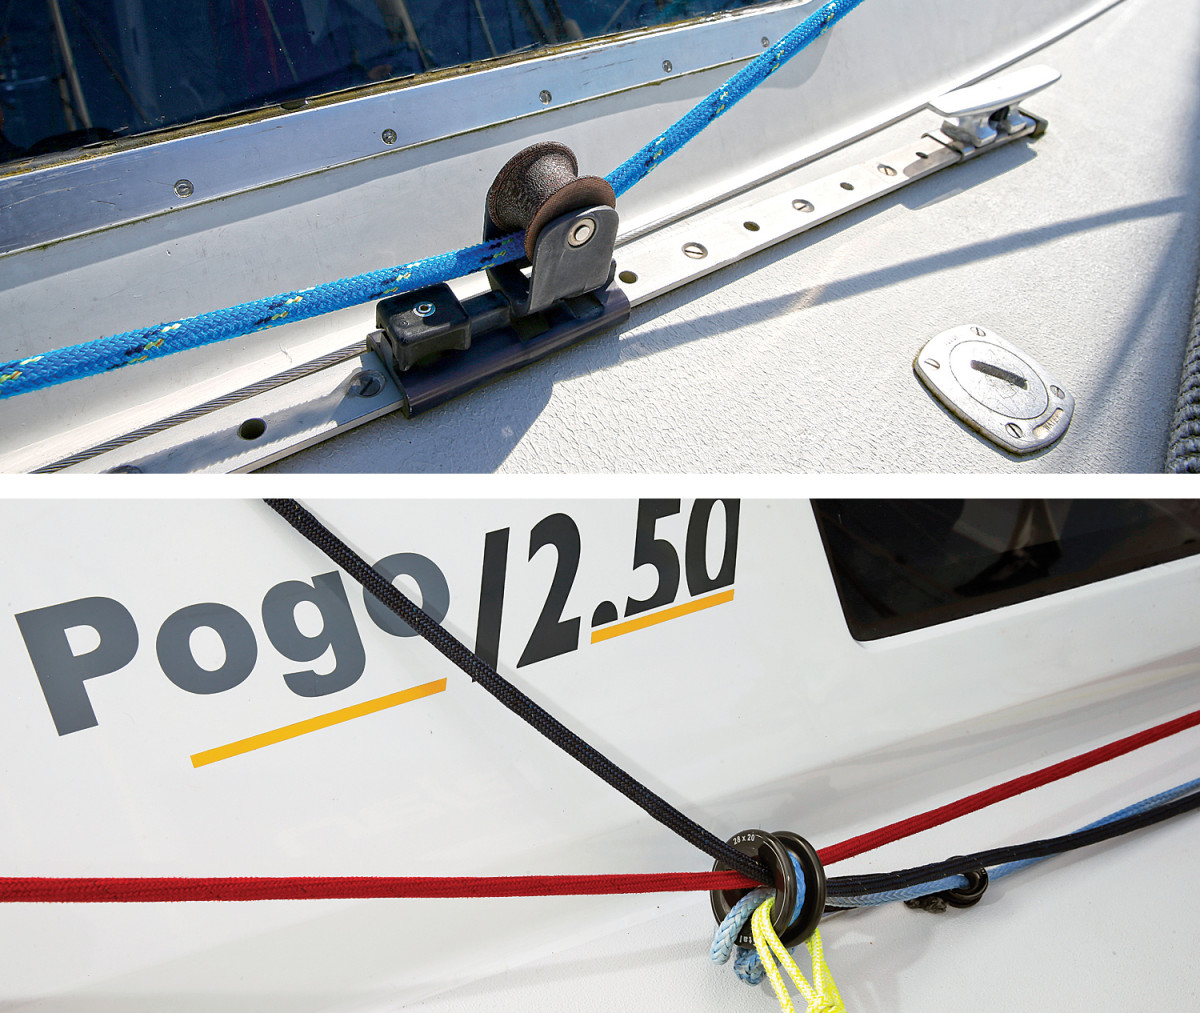 The original setup (top);  How the Pogo 12.50 is set up (bottom)